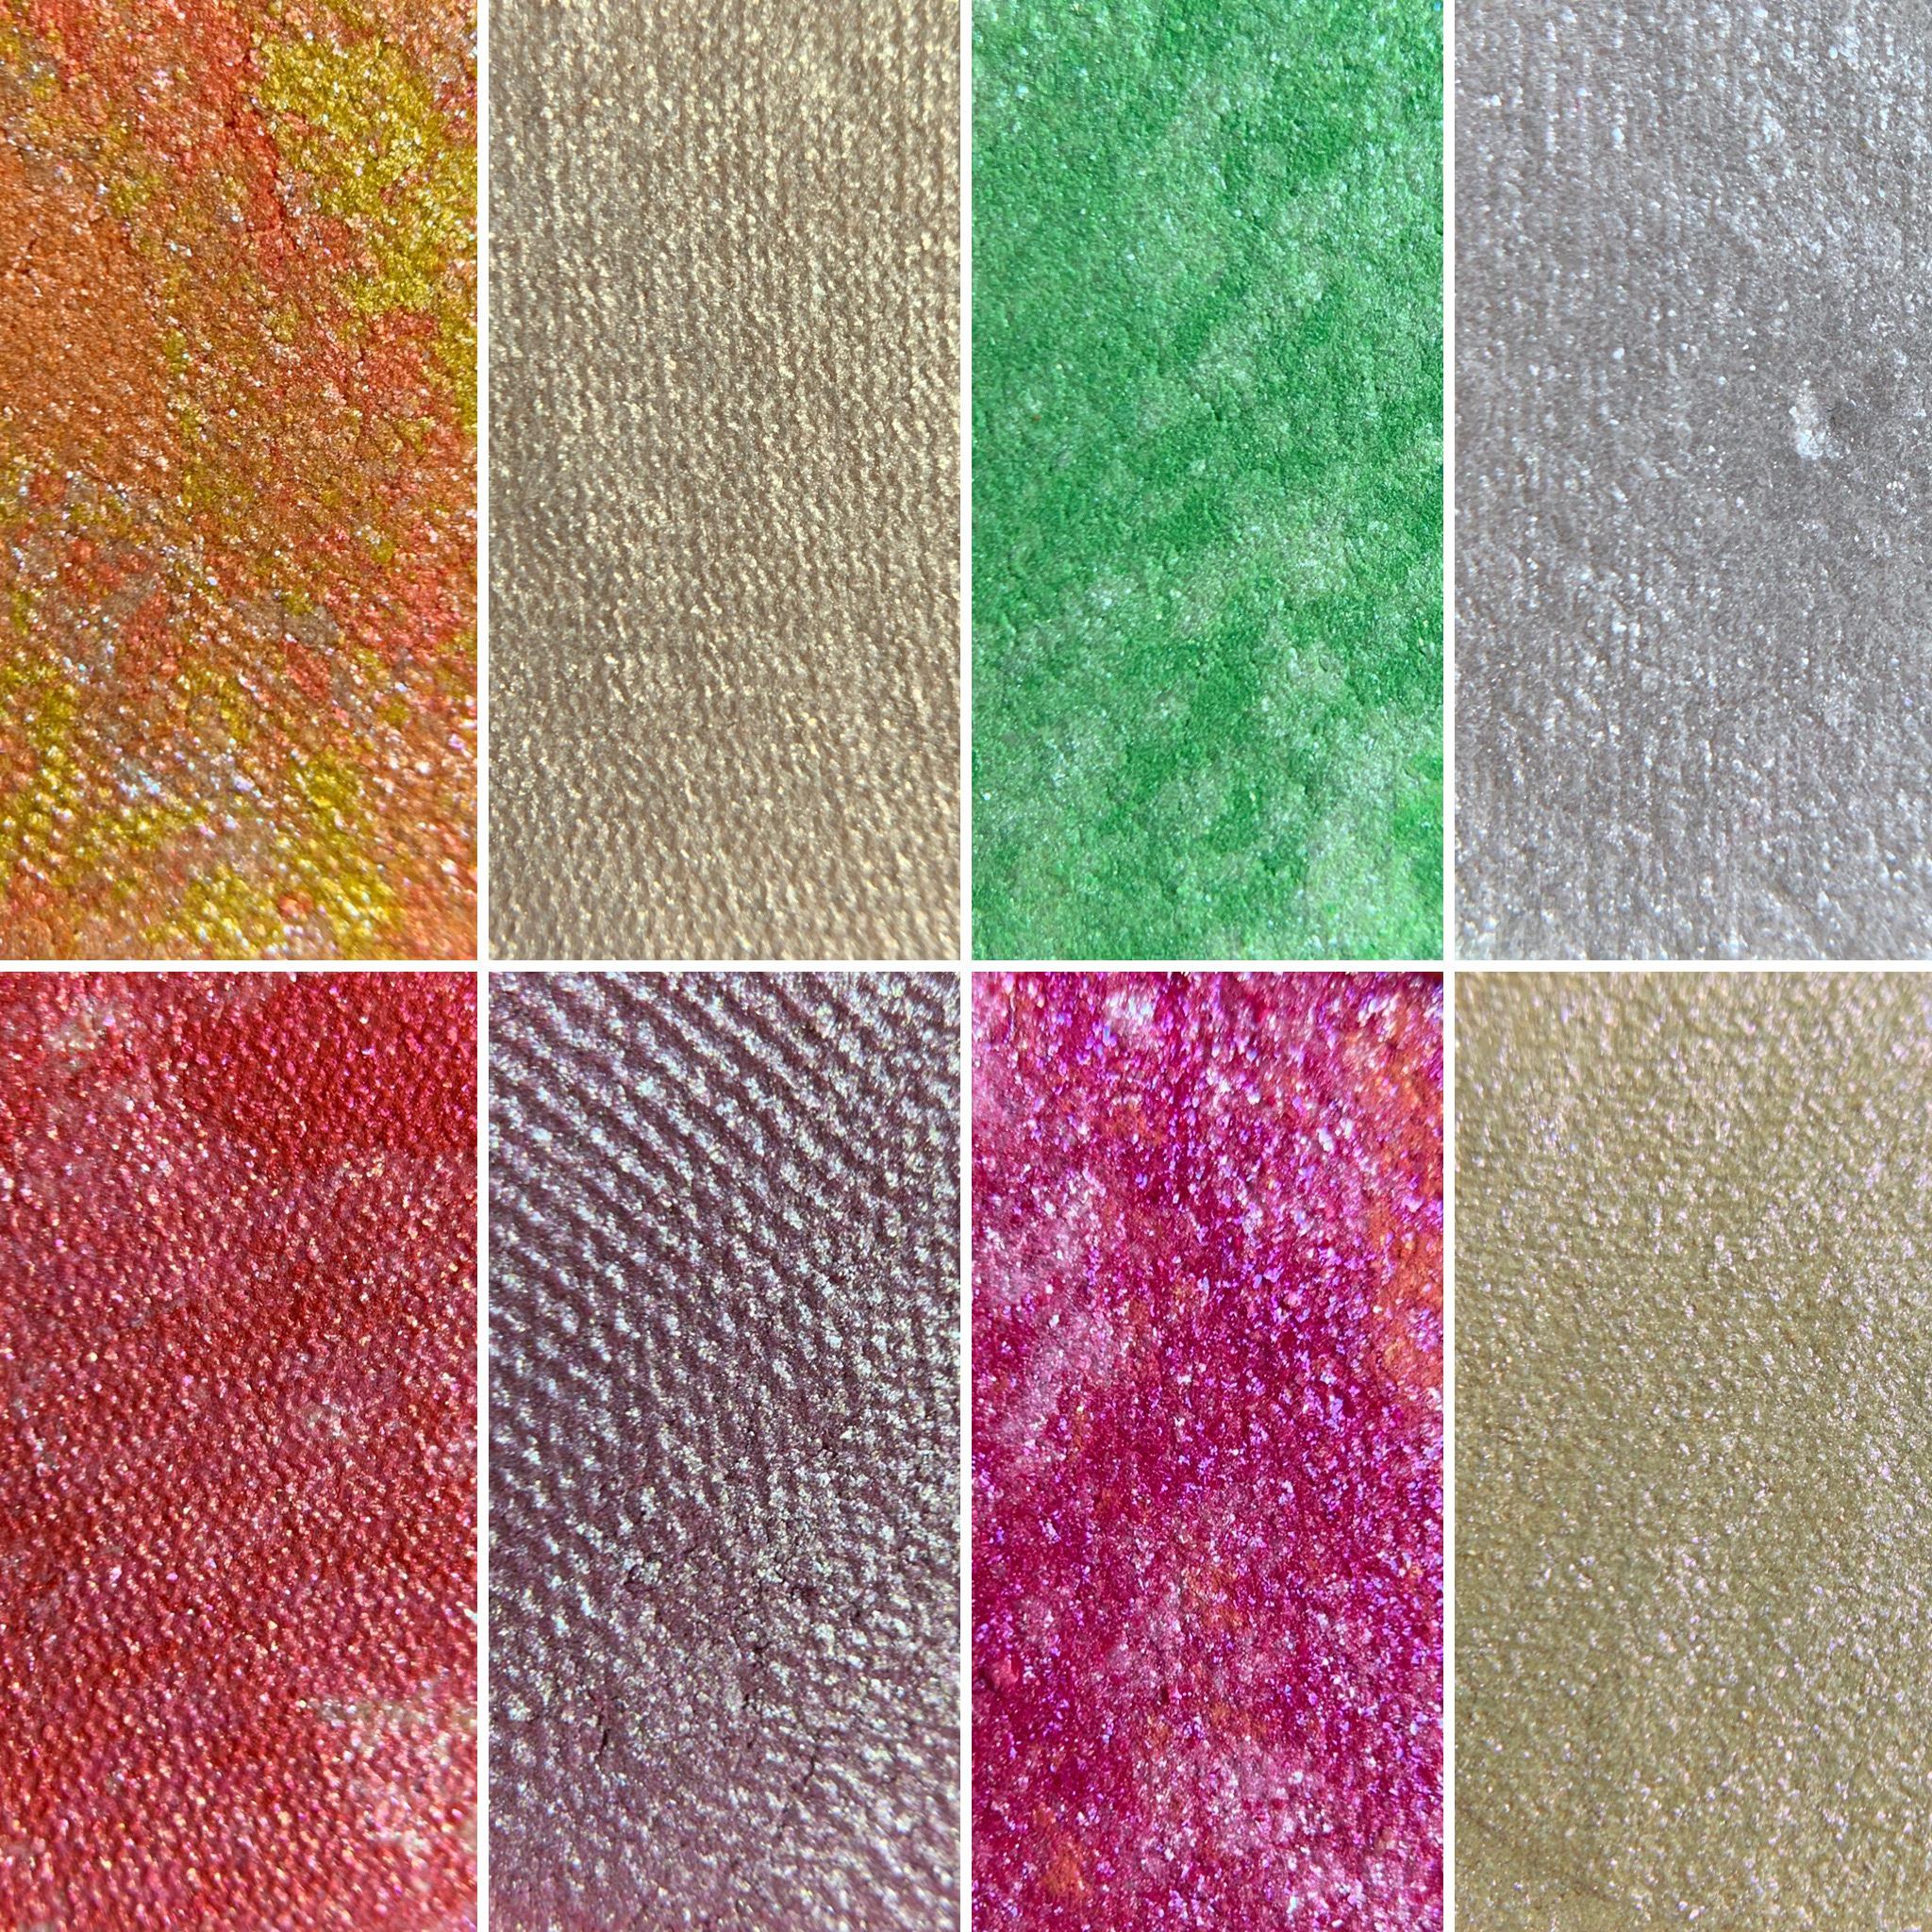 Colourpop x Halo Top collection